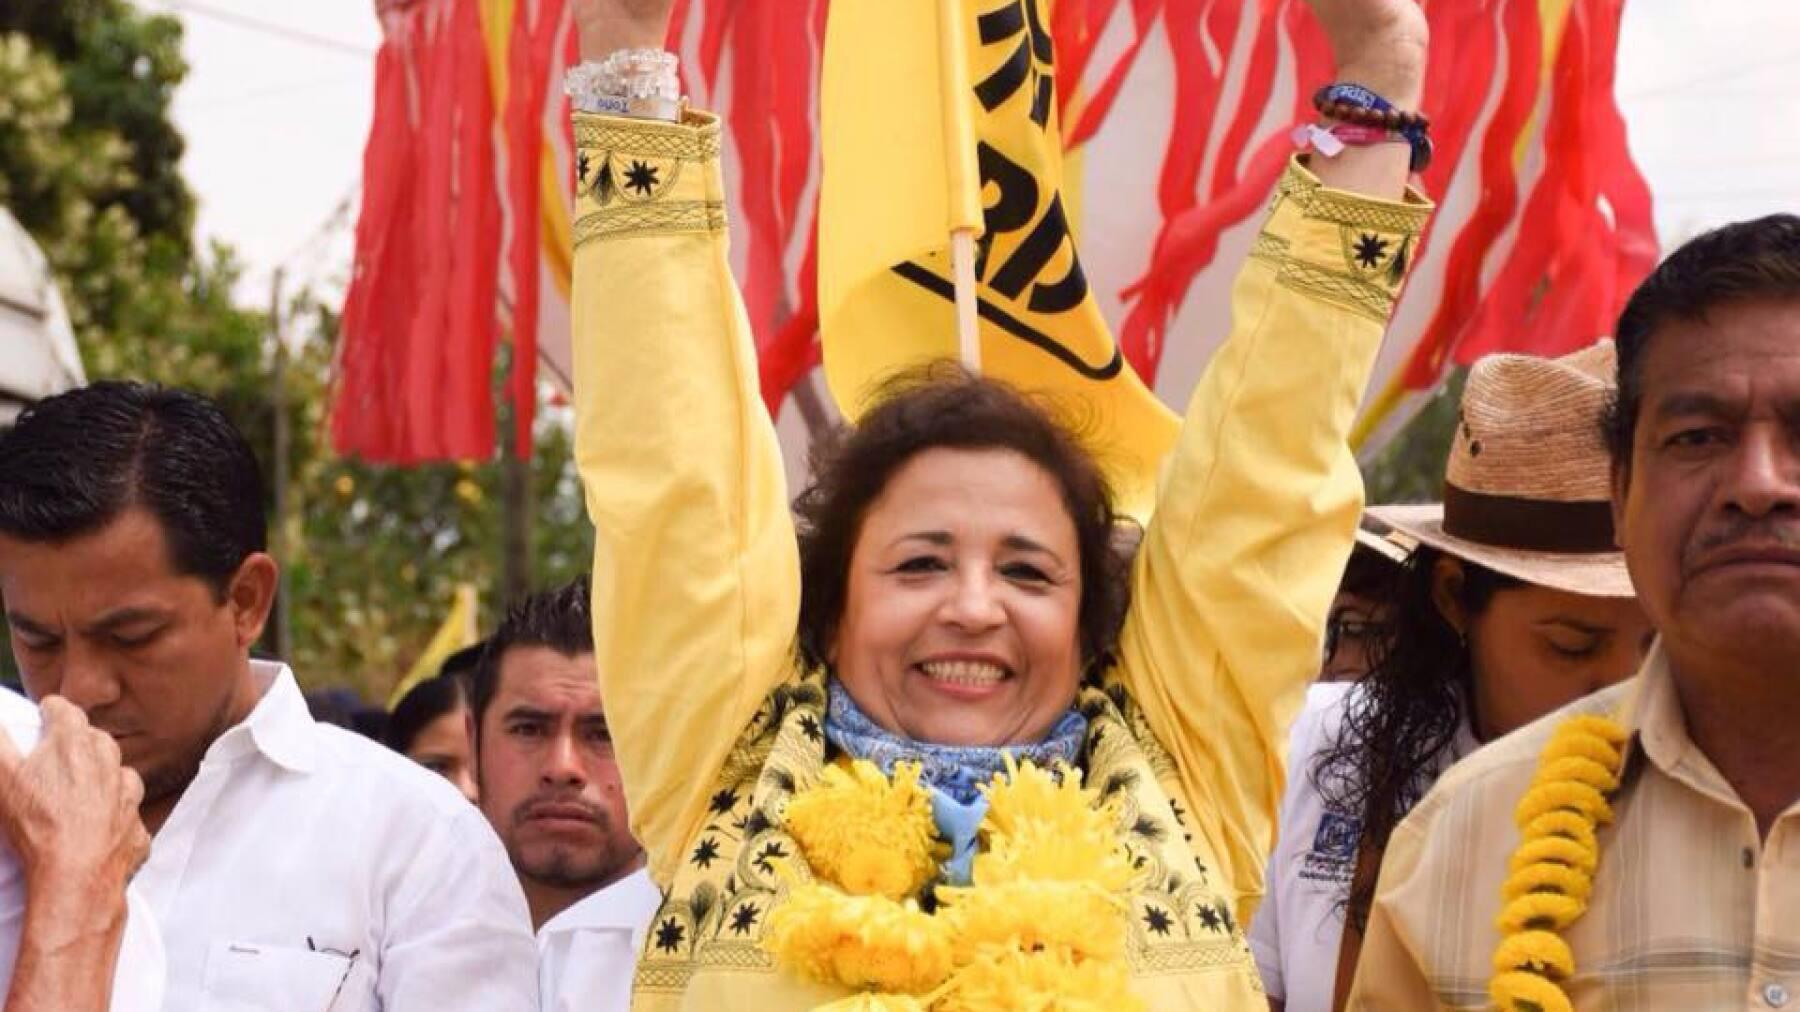 La esposa del abanderado del PAN-PRD en Oaxaca porta siempre un paliacate amarillo en sus eventos.